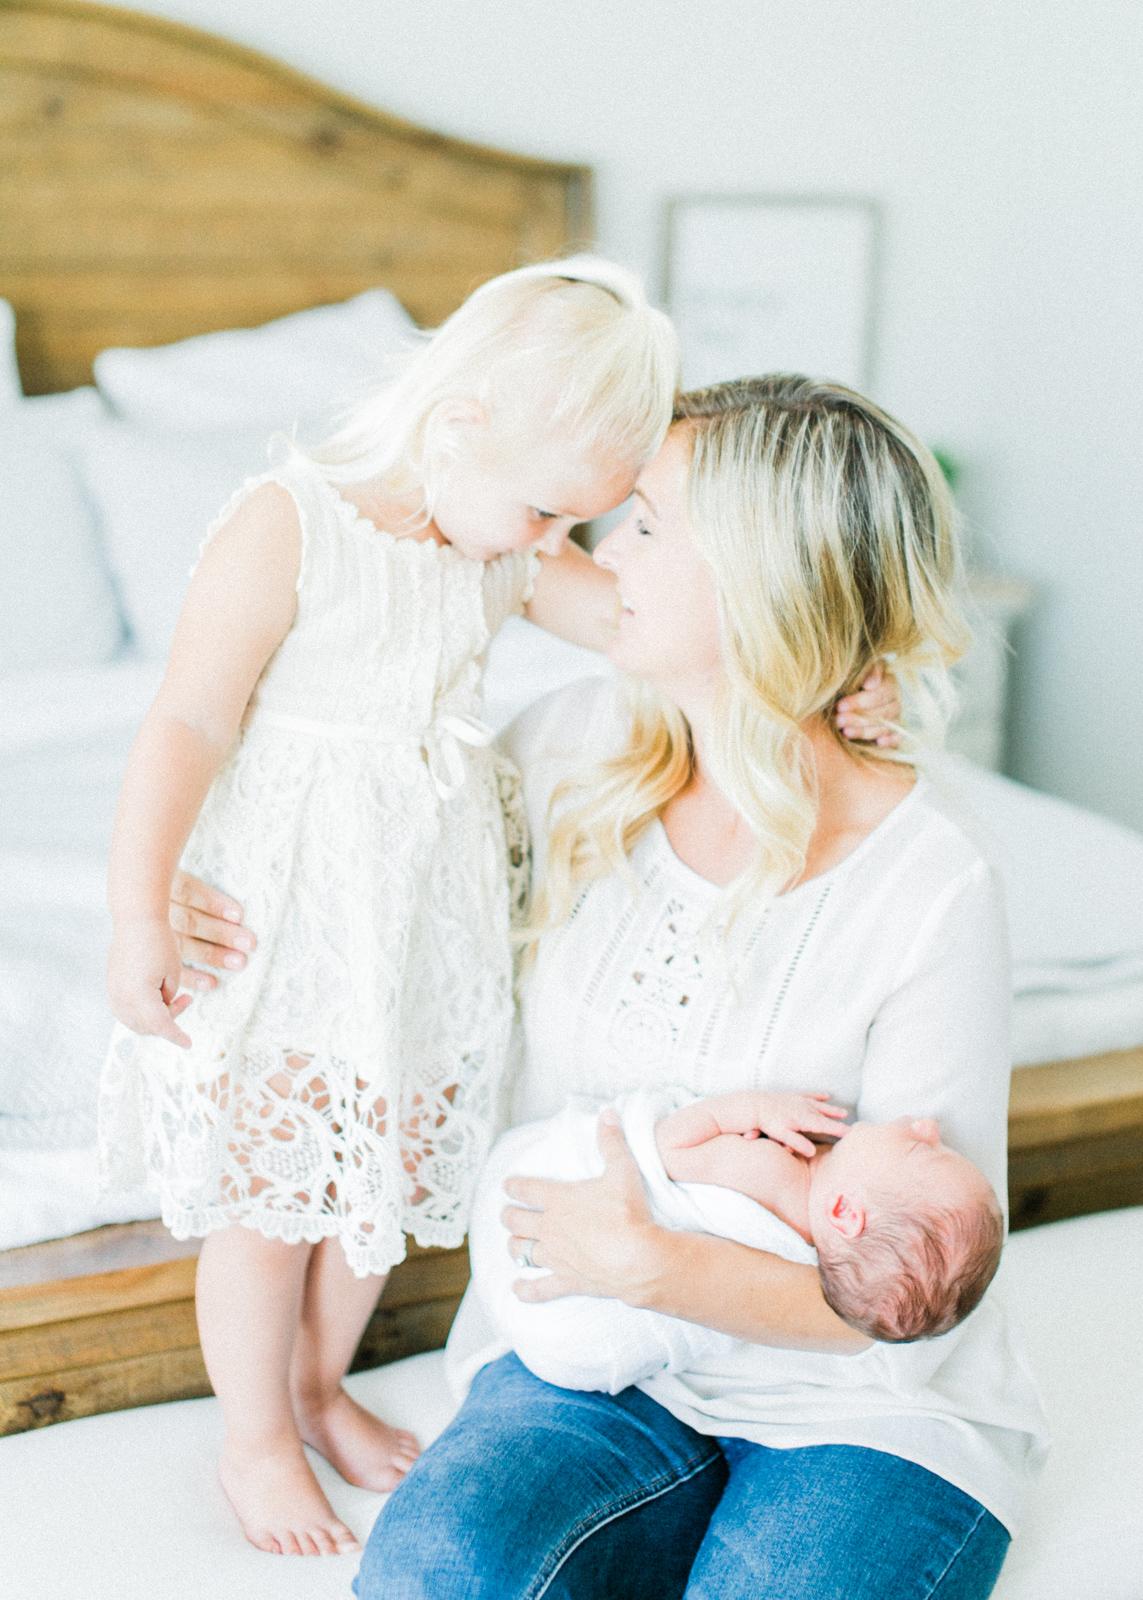 boise-newborn-photographer-20.jpg